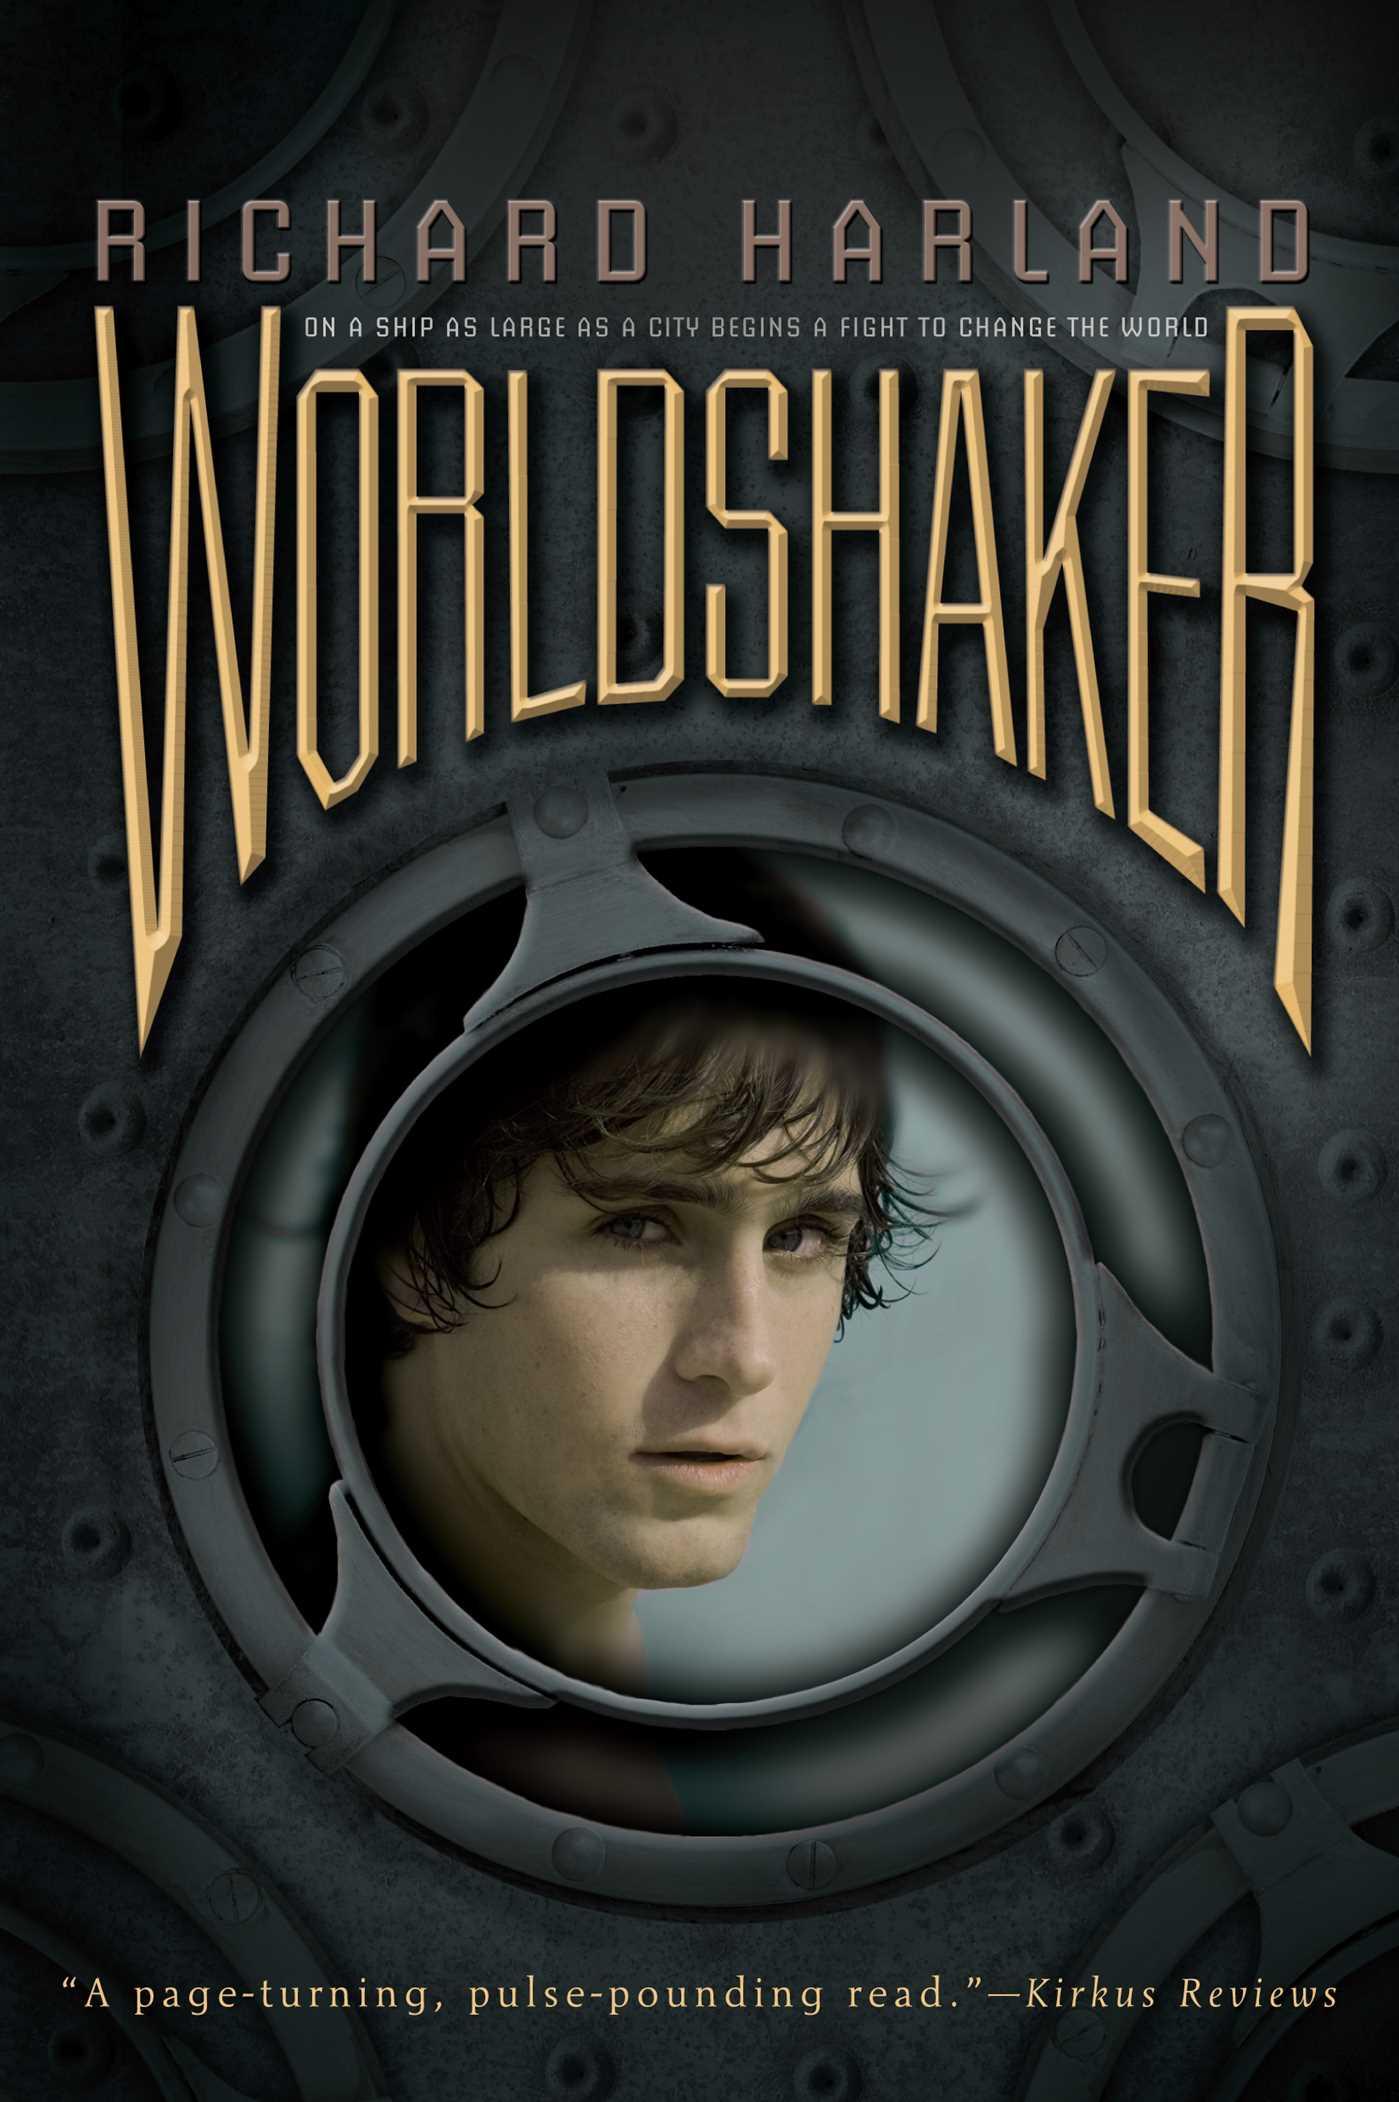 Worldshaker 9781416995548 hr